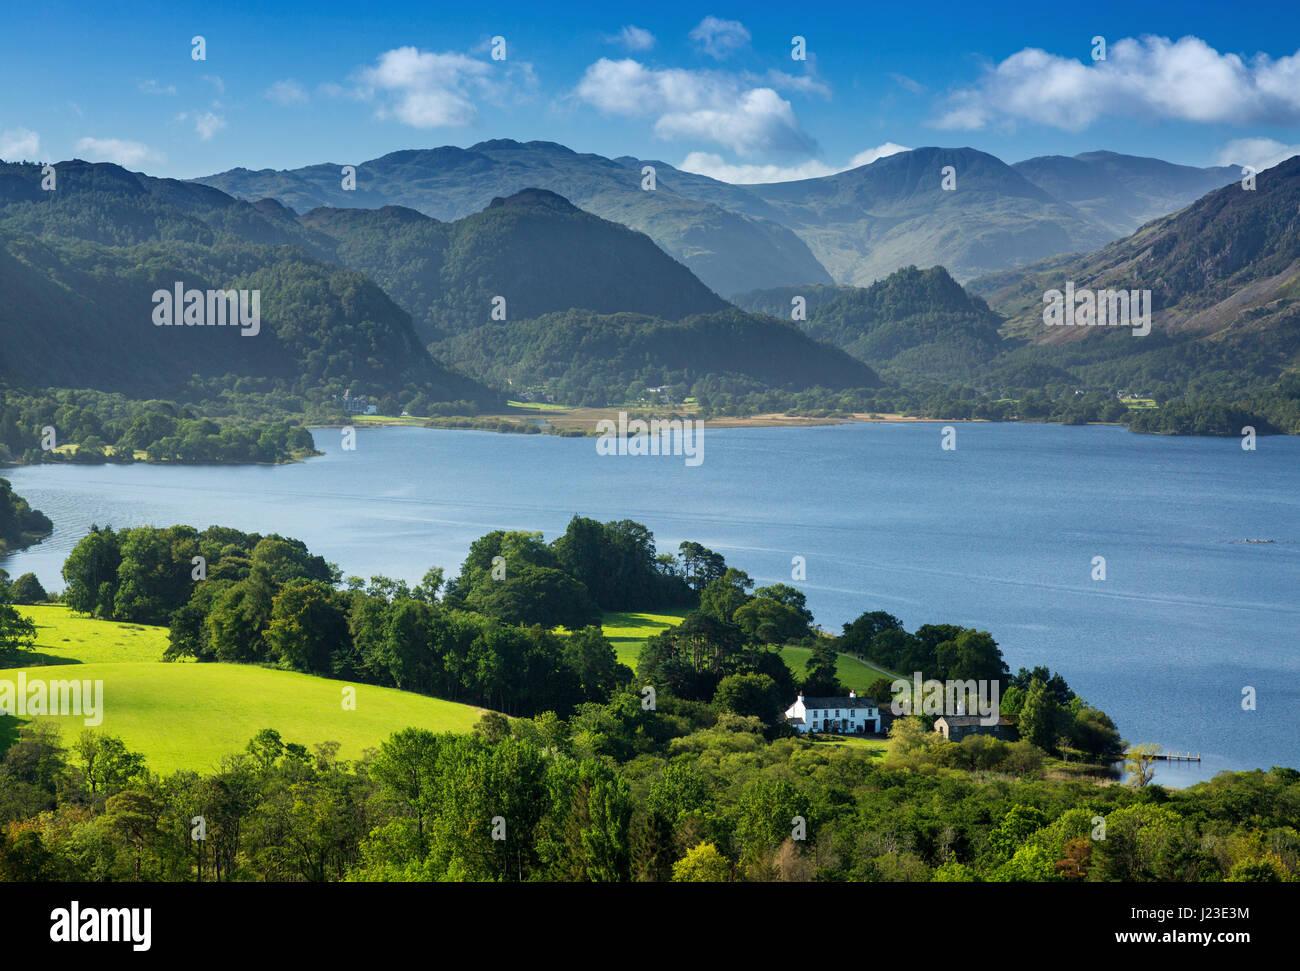 Derwentwater, Lake District, England, UK - English Lake District, Derwent Water landscape scene - Stock Image